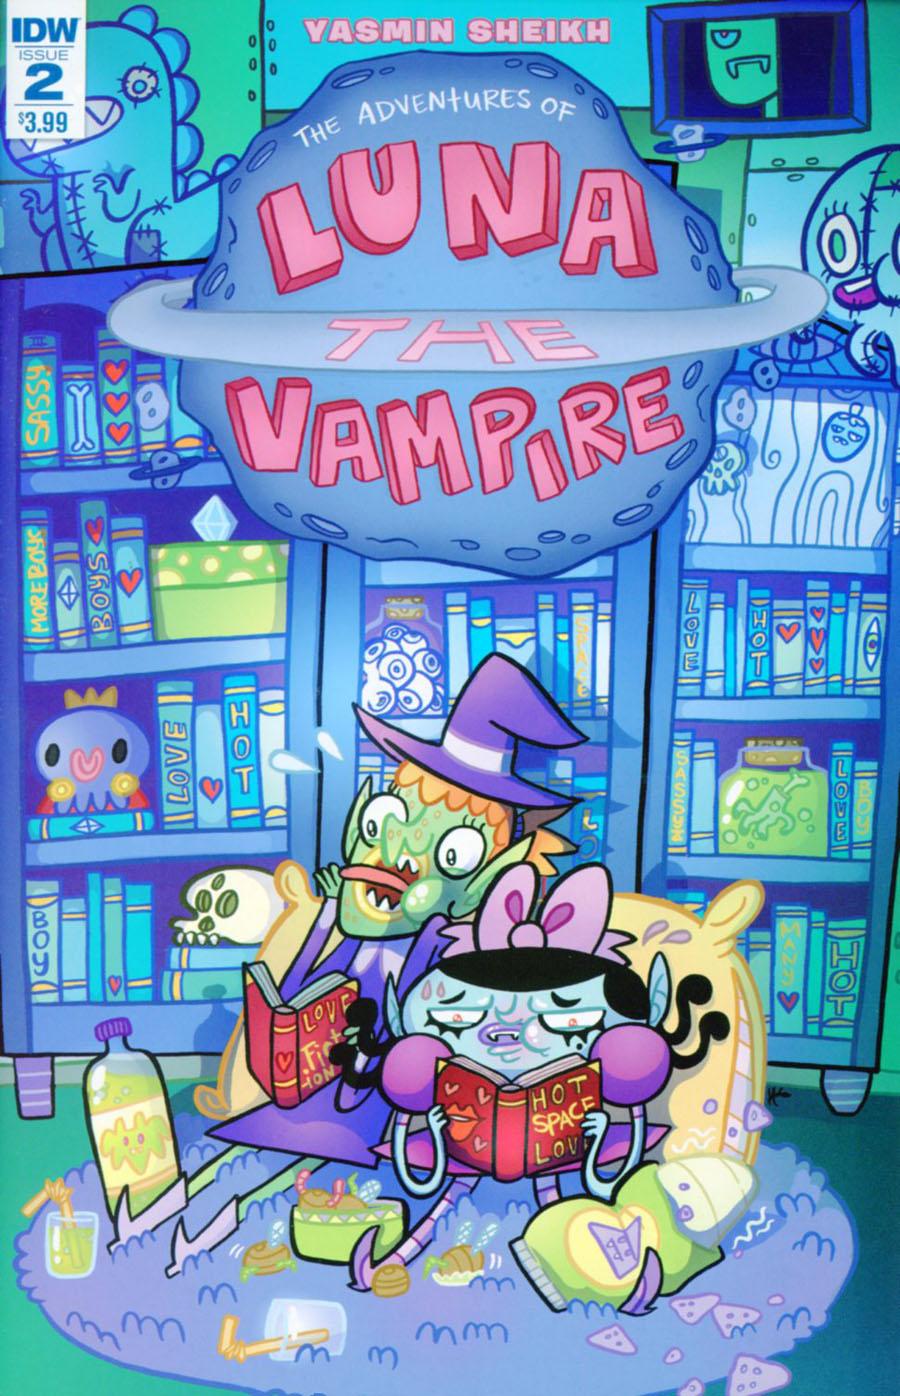 Luna The Vampire #2 Cover A Regular Yasmin Sheikh Cover